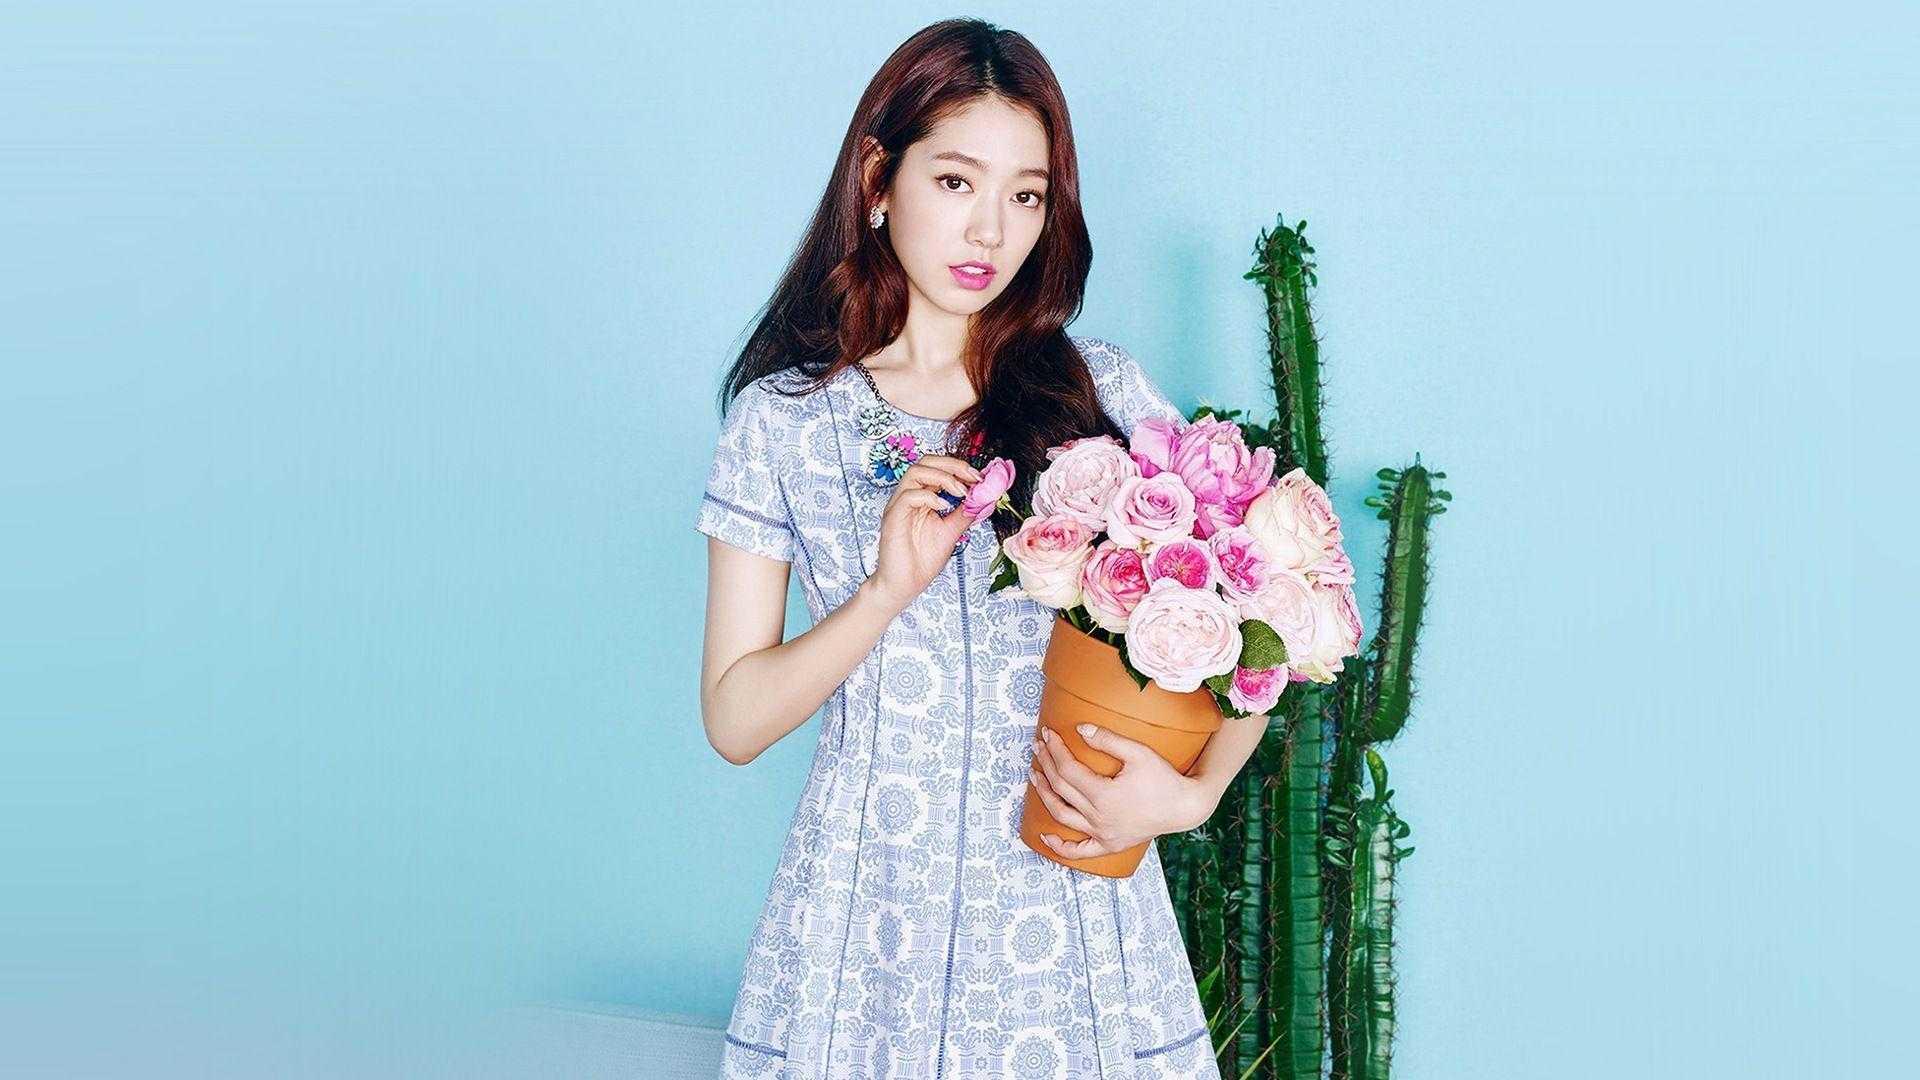 Park Shin-hye sexy photos